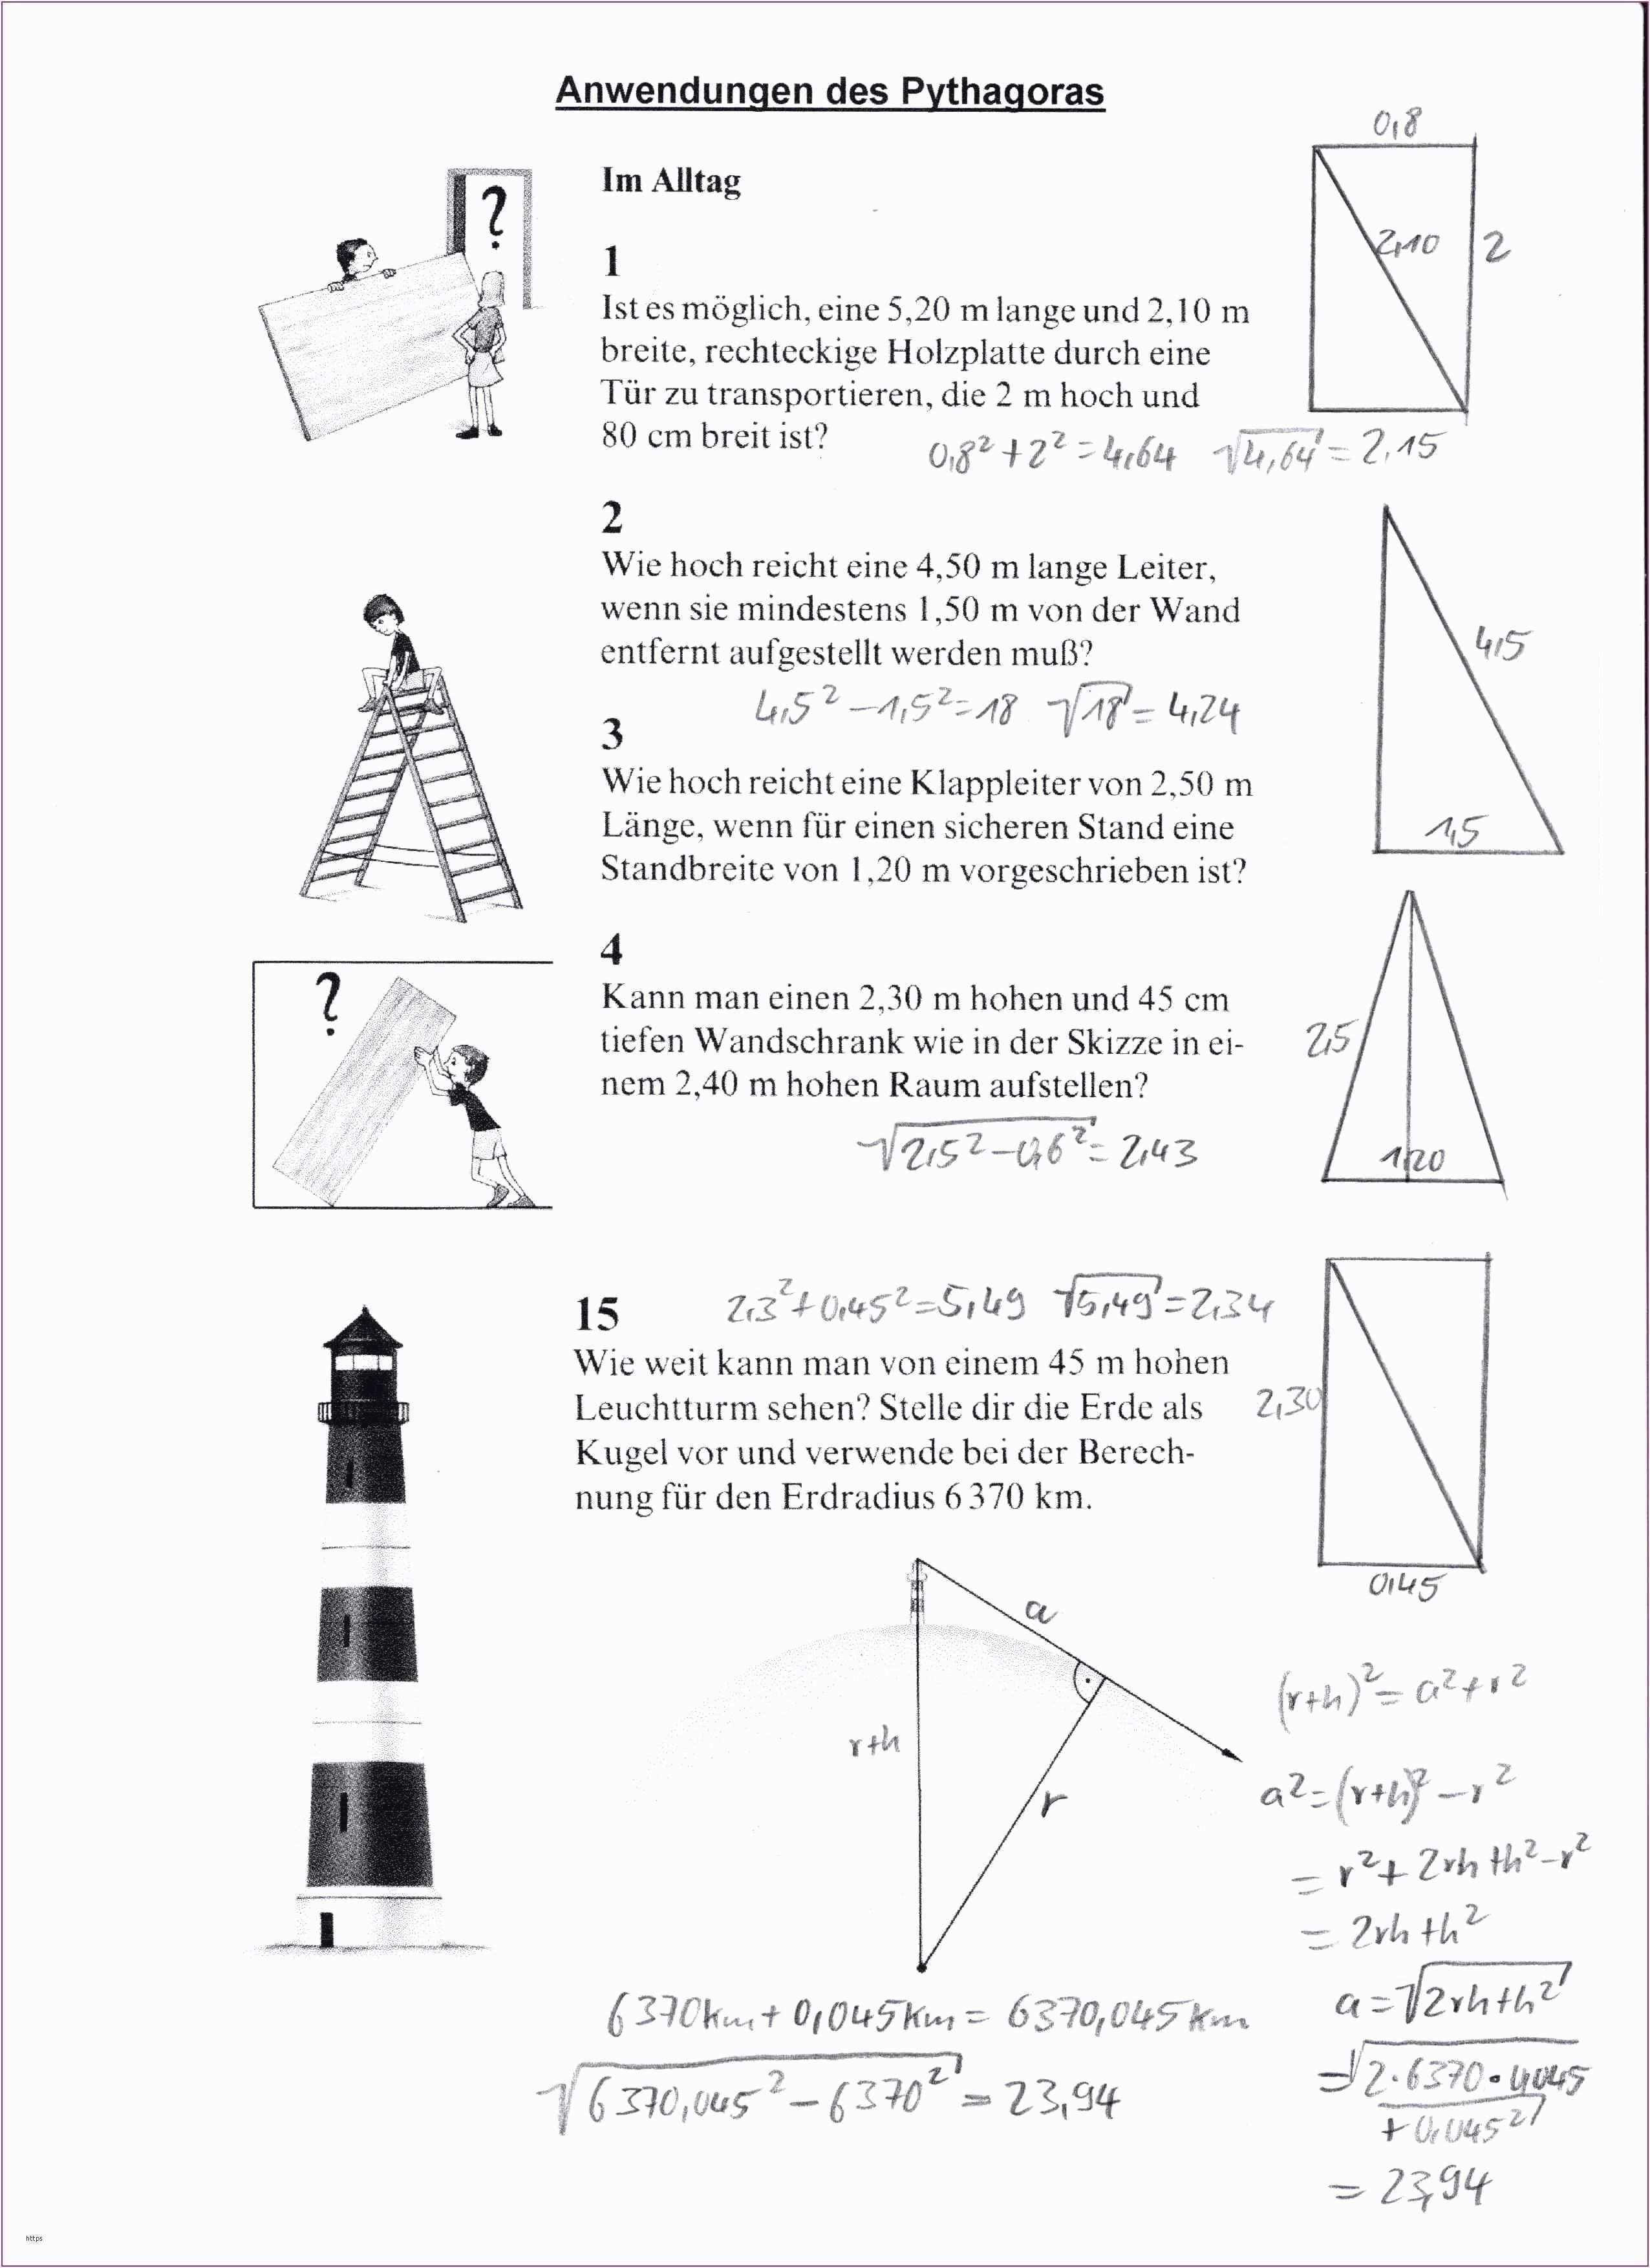 Der Kleine Herr Jakob Arbeitsblatter Luxus Neues Satz Des Pythagoras Arbeitsblatt Satz Des Pythagoras Der Kleine Herr Jakob Arbeitsblatter